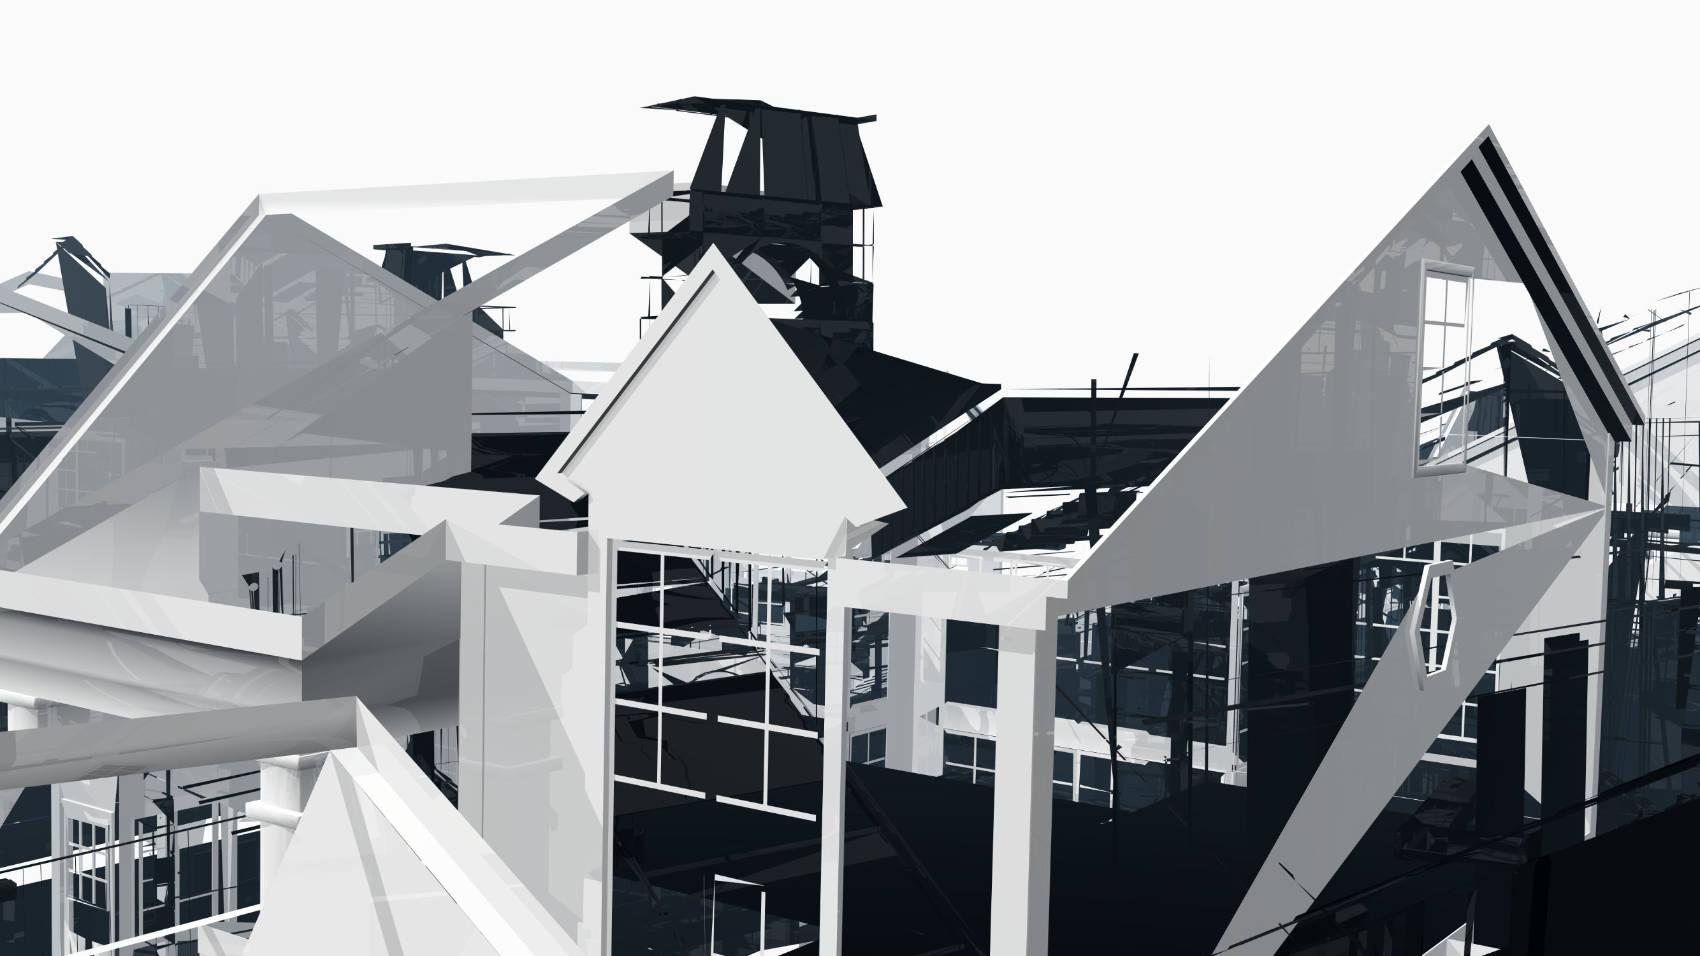 Broken Architecture 12, 2018, Jet d'encre, 69 x 120 cm